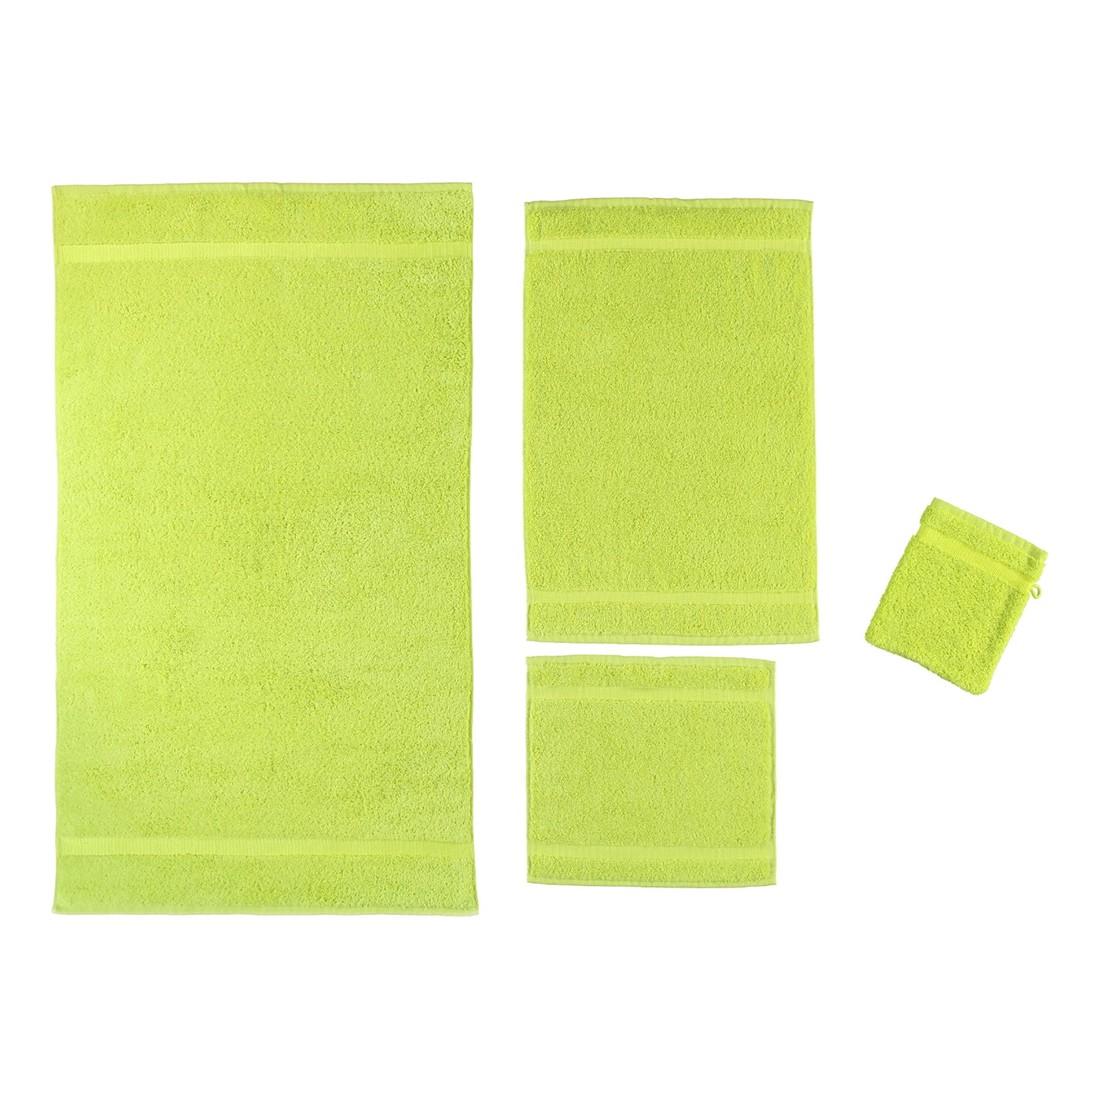 Handtuch Princess – 100% Baumwolle limette – 208 – Badetuch: 95×180 cm, Rhomtuft jetzt kaufen